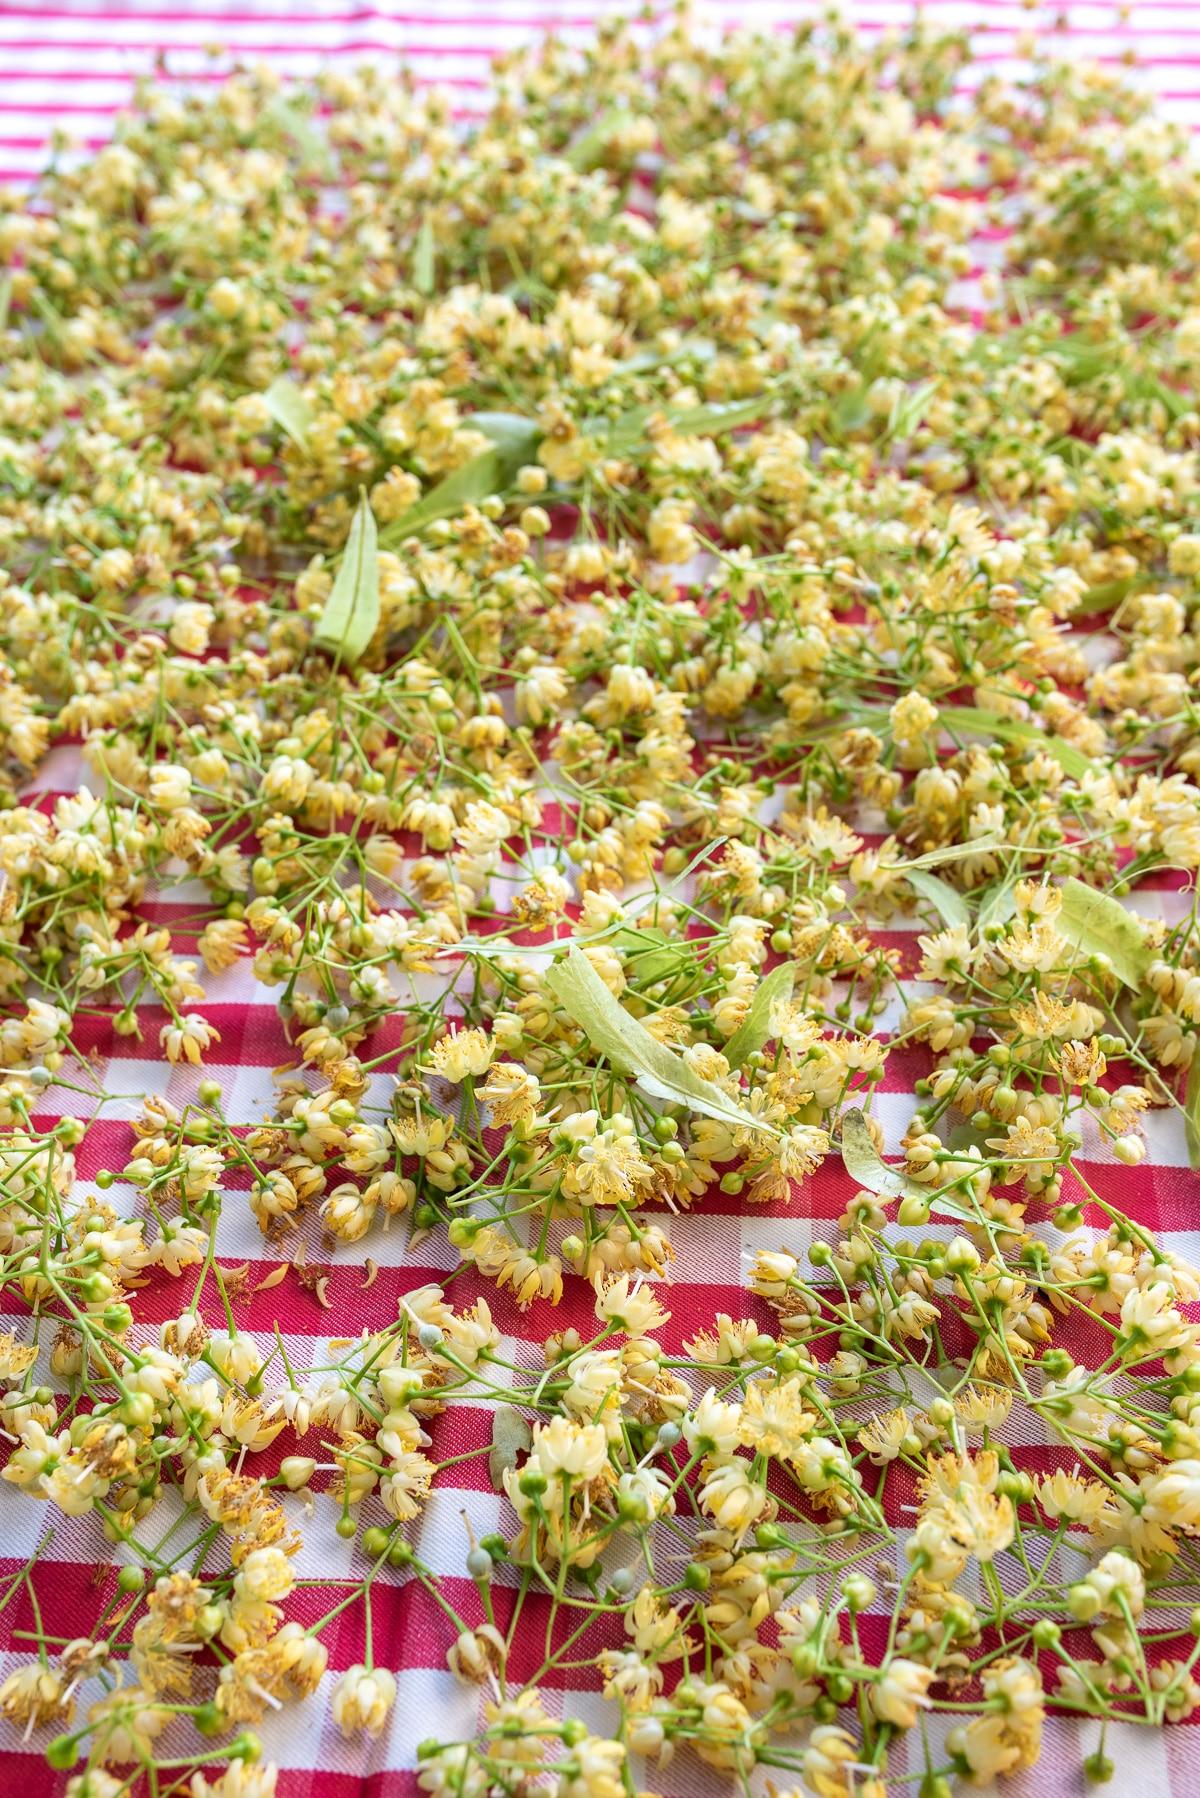 zerwane kwiaty lipy rozłożone na obrocie w kratkę